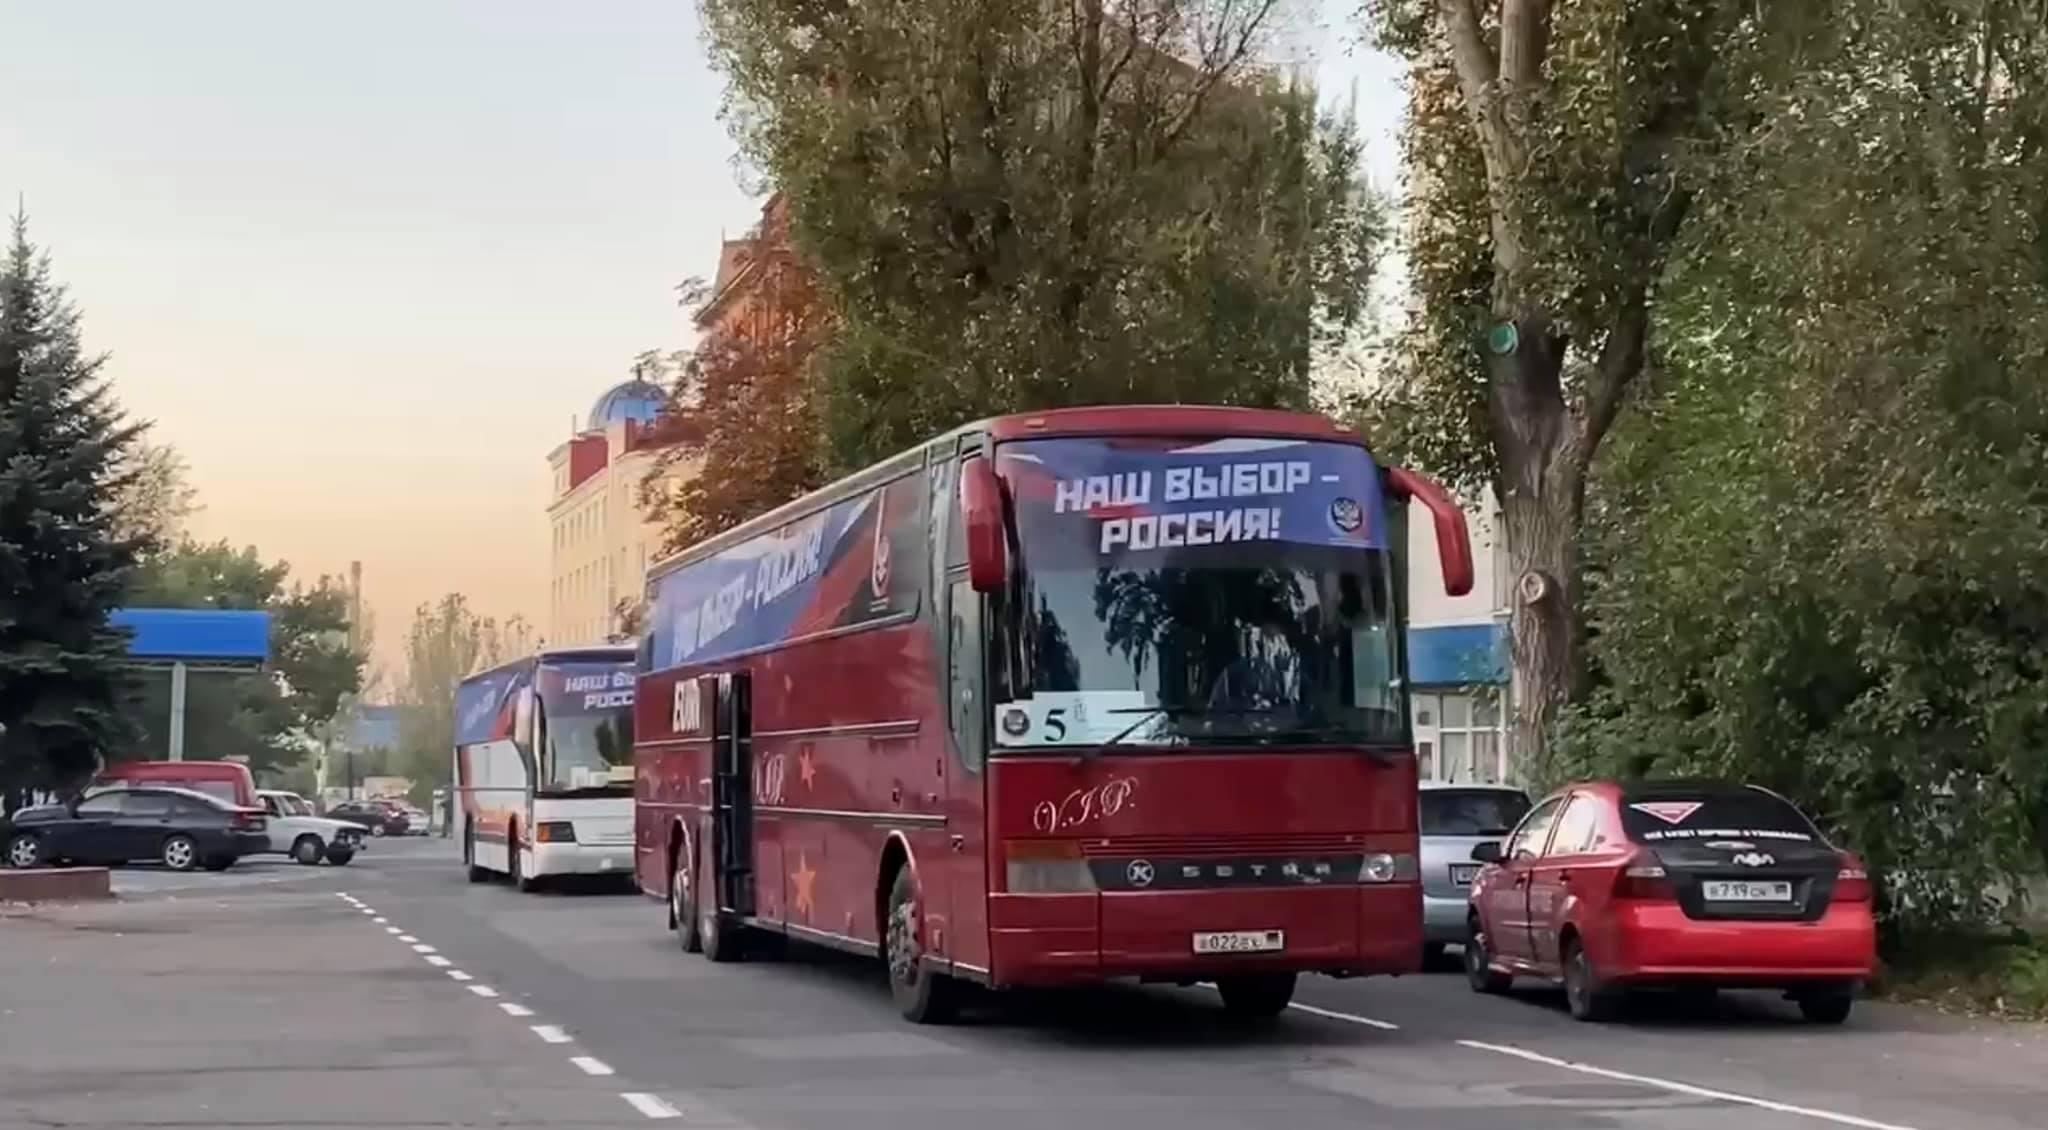 Автобус с жителями оккупированных территорий Украины, которых везут голосовать на выборах в Госдуму РФ